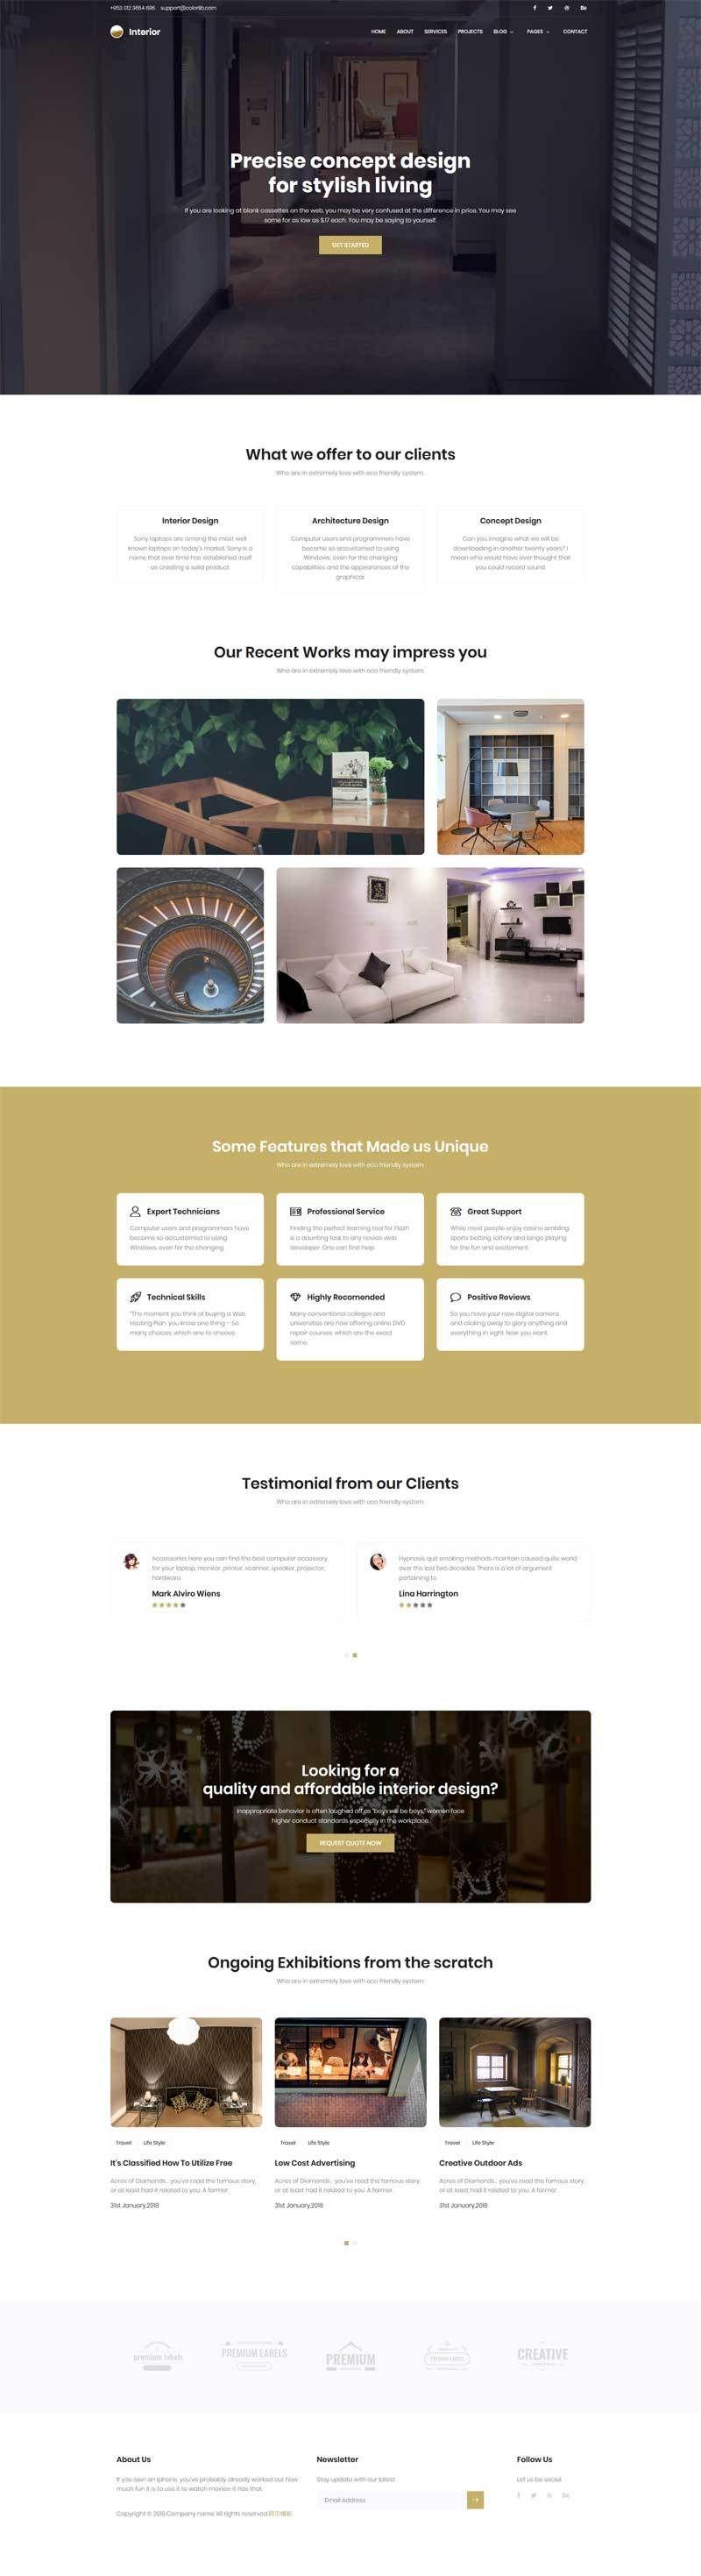 黑色宽屏的艺术创意公司网站模板.jpg